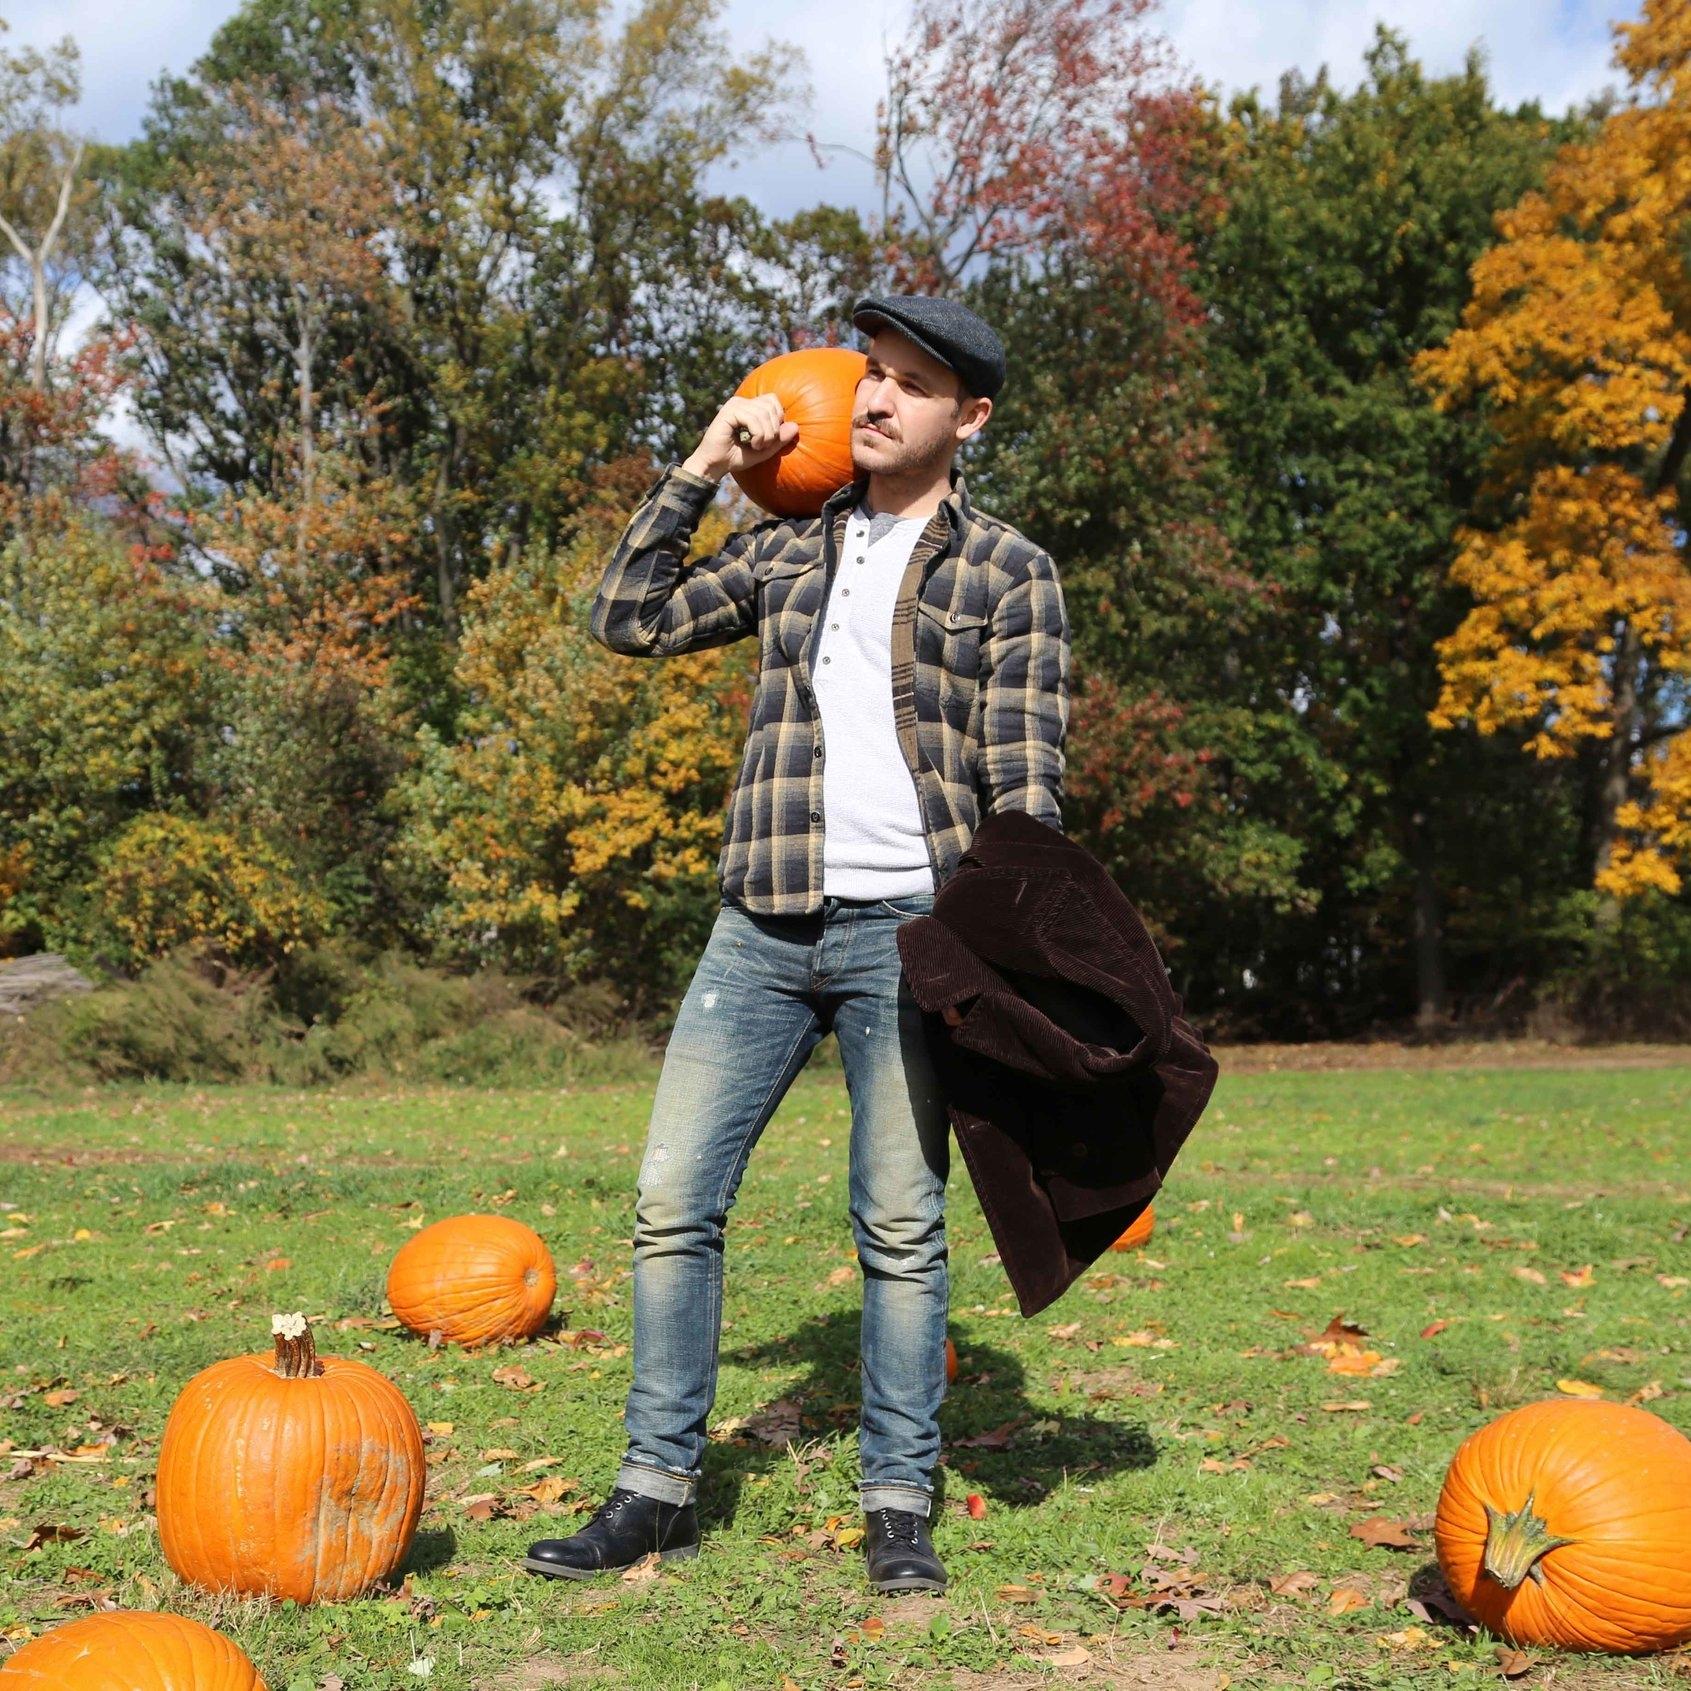 Gay pumpkin boy